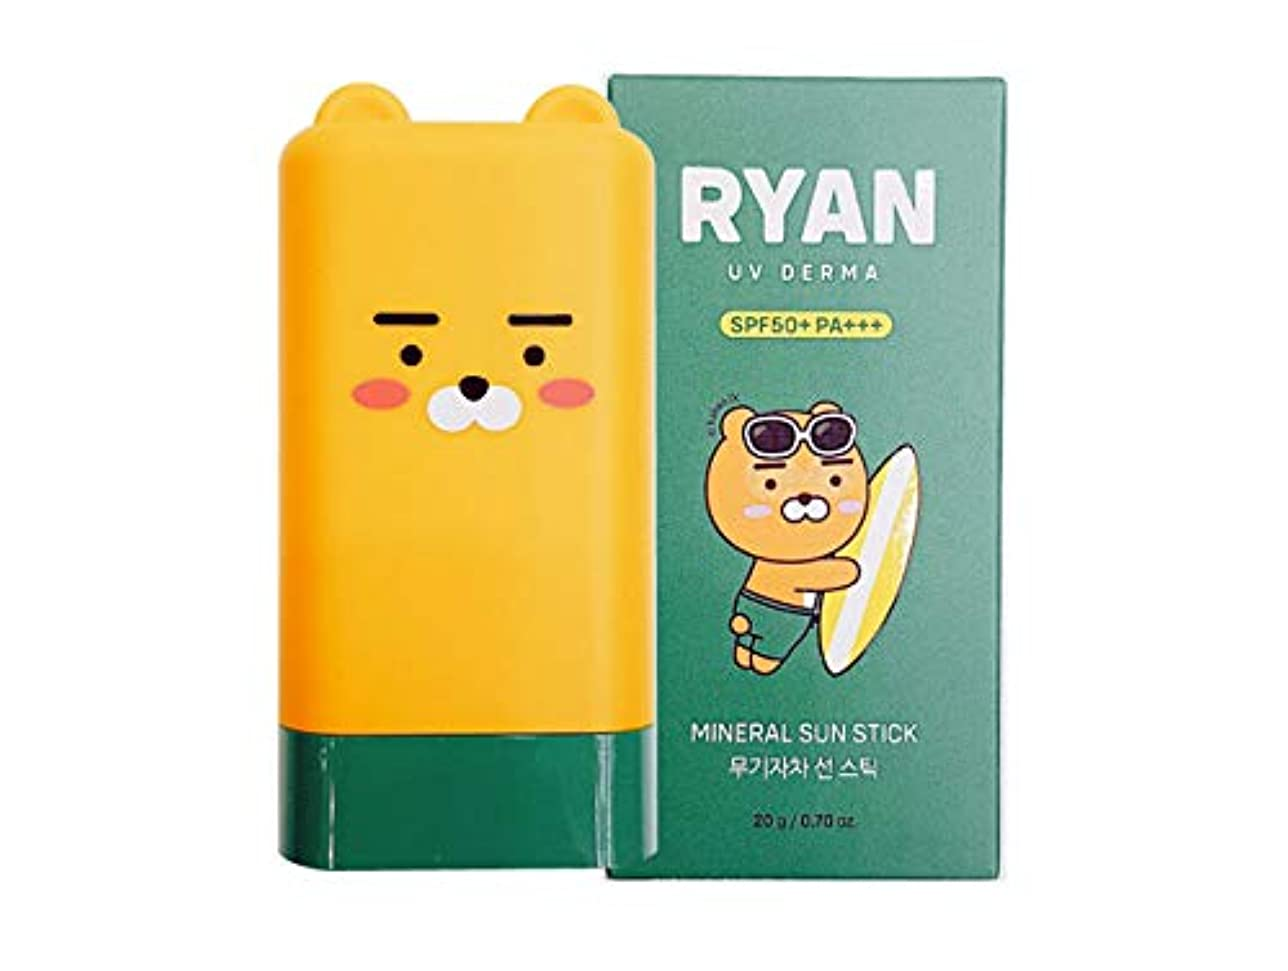 忘れっぽい一時的忌避剤[ザ?フェイスショップ] THE FACE SHOP [カカオフレンズ ライオン UVデルマ ミネラル サンスティック 20g] (Kakao Friends RYAN UV Derma Mineral Sun Stick...